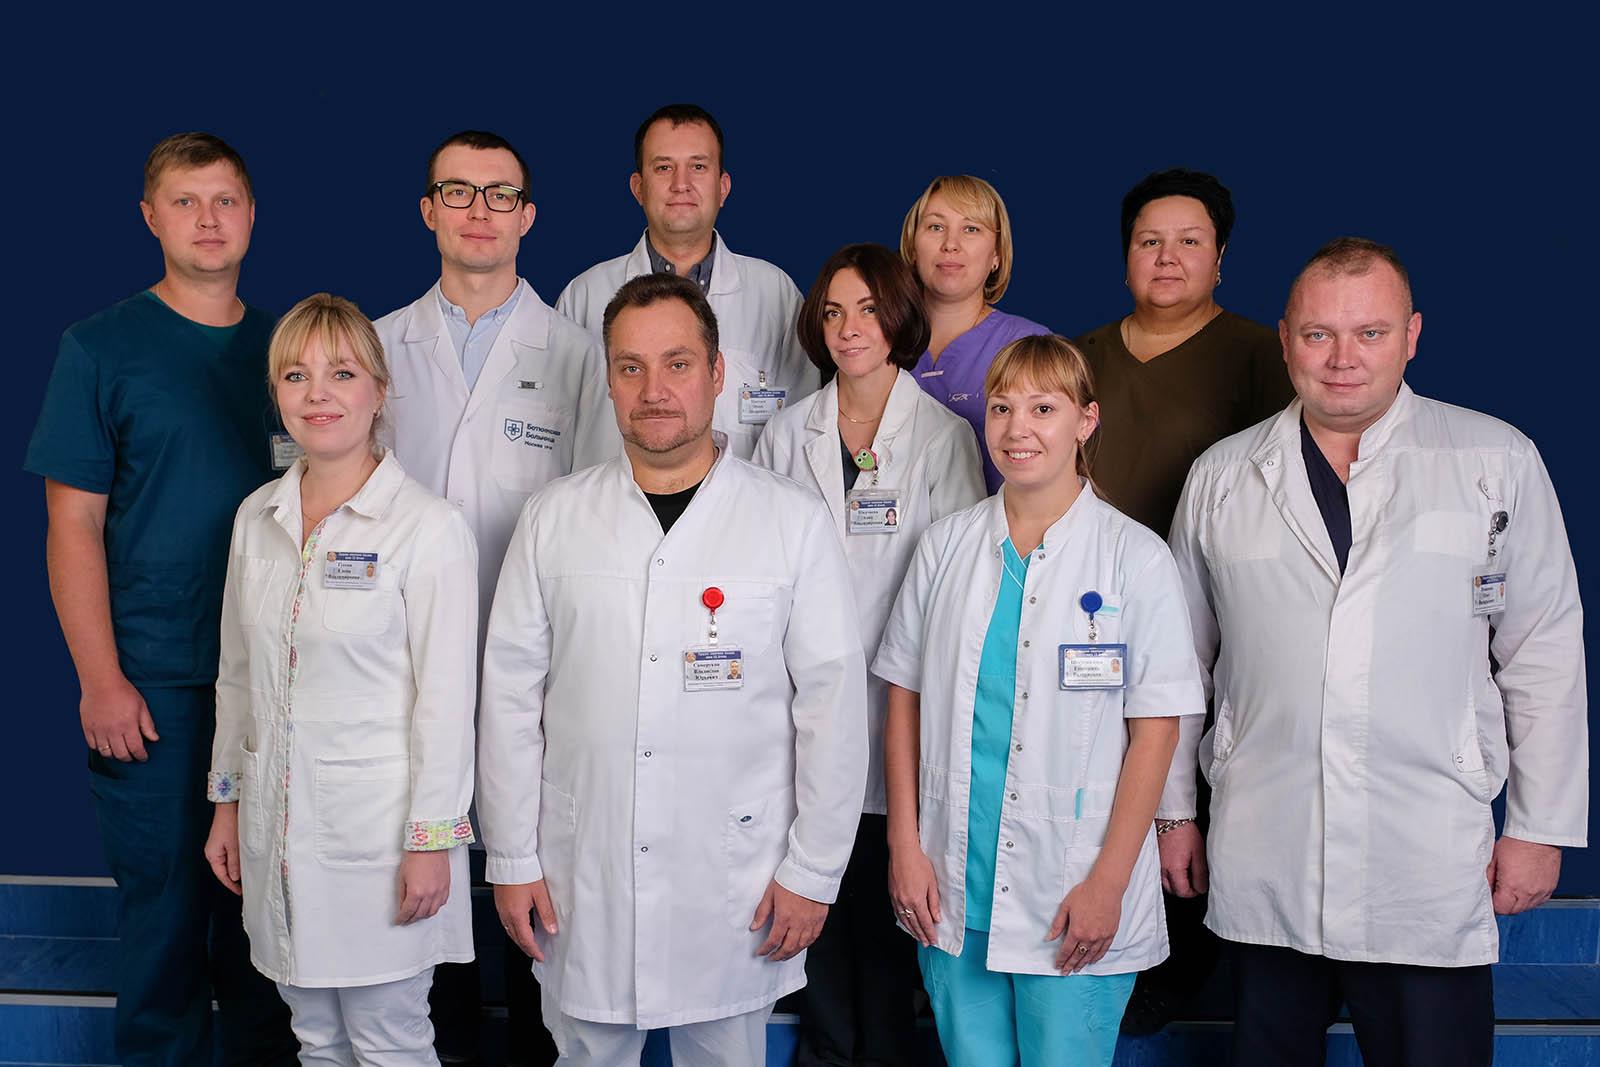 Отделение анестезиологии и реанимации: структура подразделения, задачи, функции